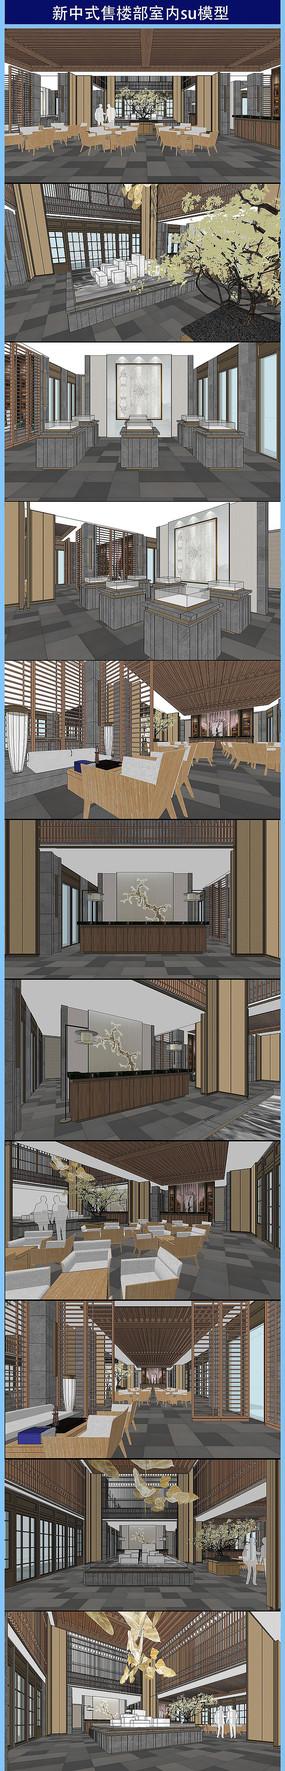 新中式售楼部室内su模型